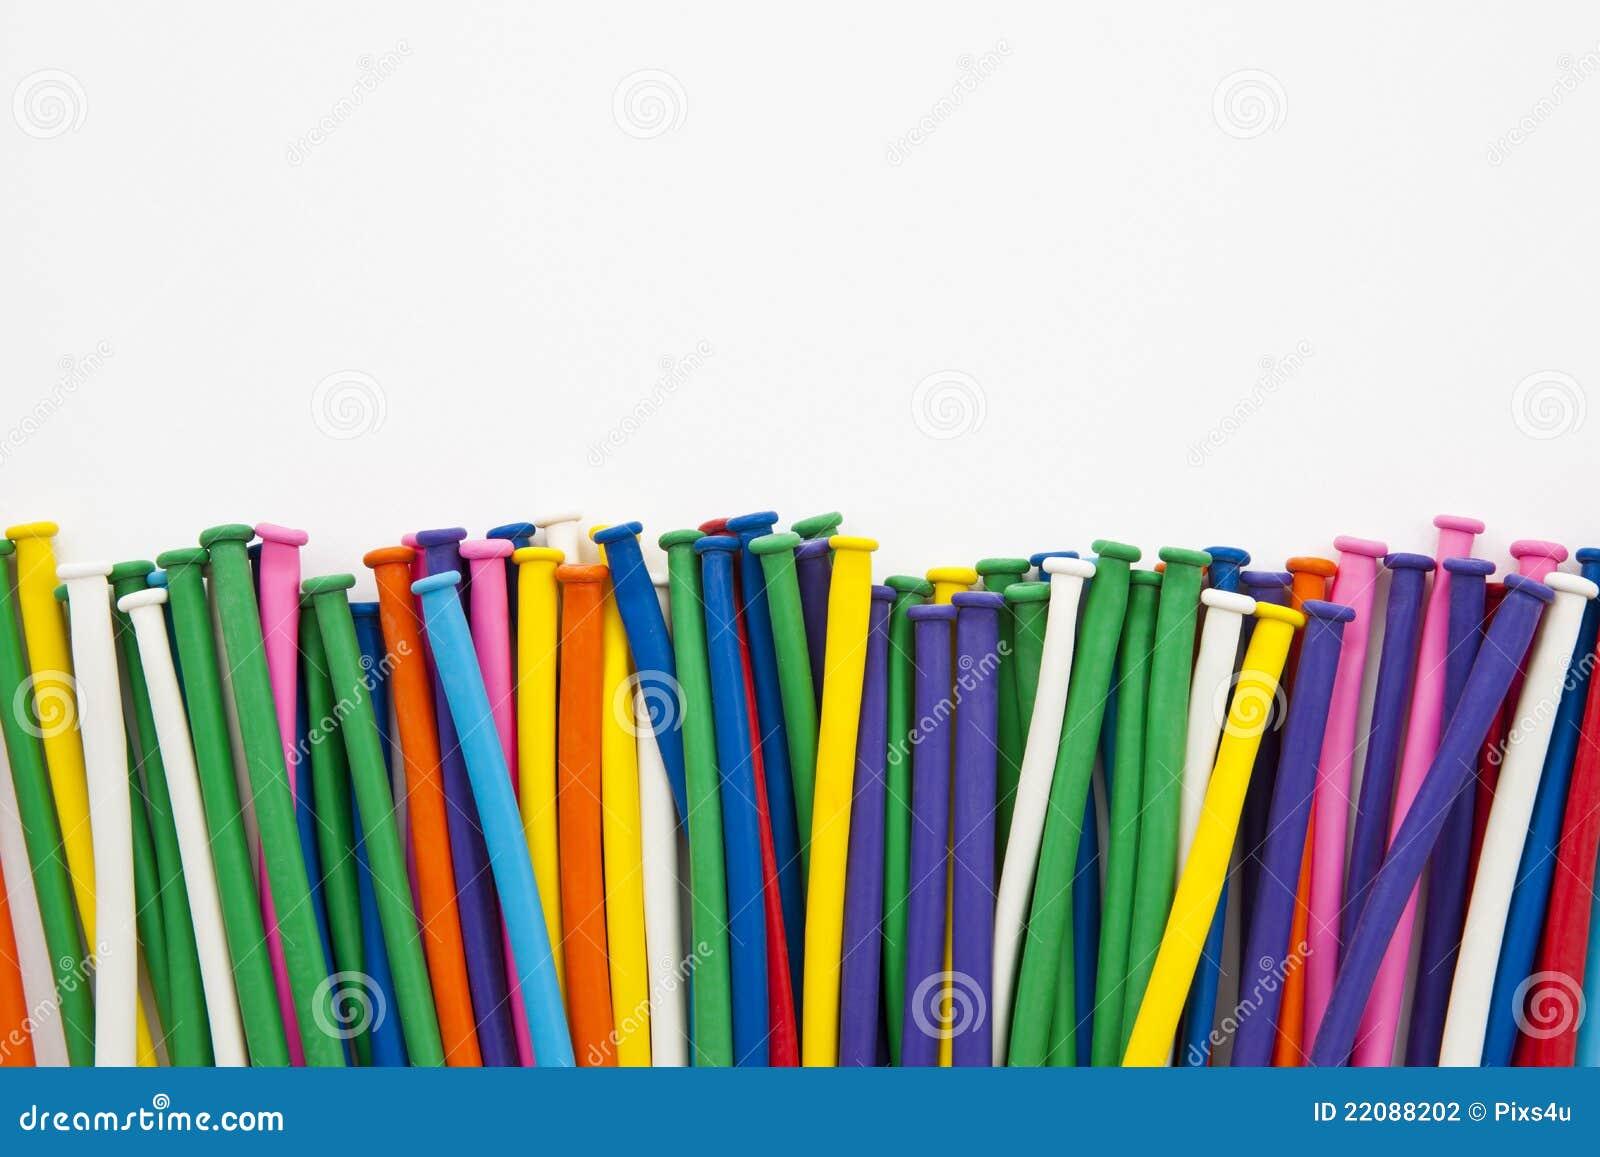 da4e4bf47 Tubo multicolor del globo foto de archivo. Imagen de cumpleaños ...